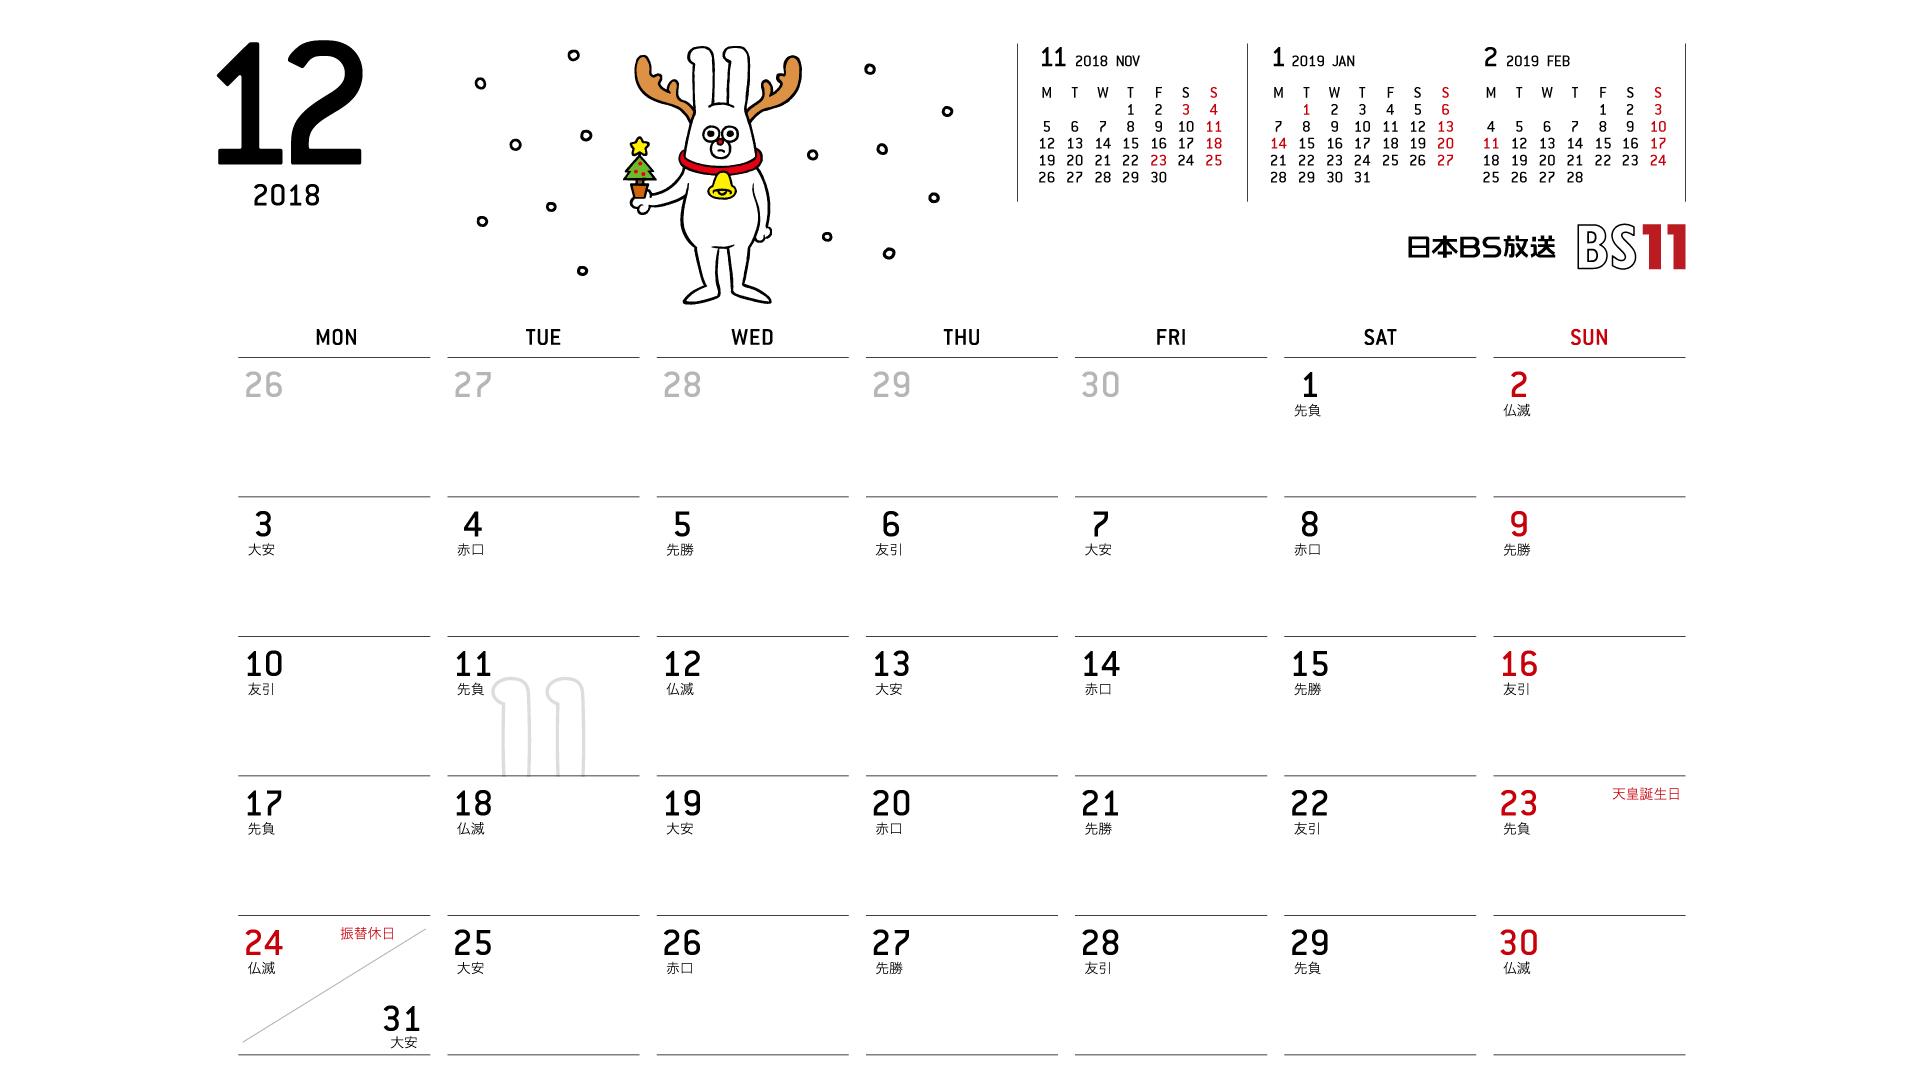 じゅういっちゃんのデジタルカレンダー2018年12月 bs11